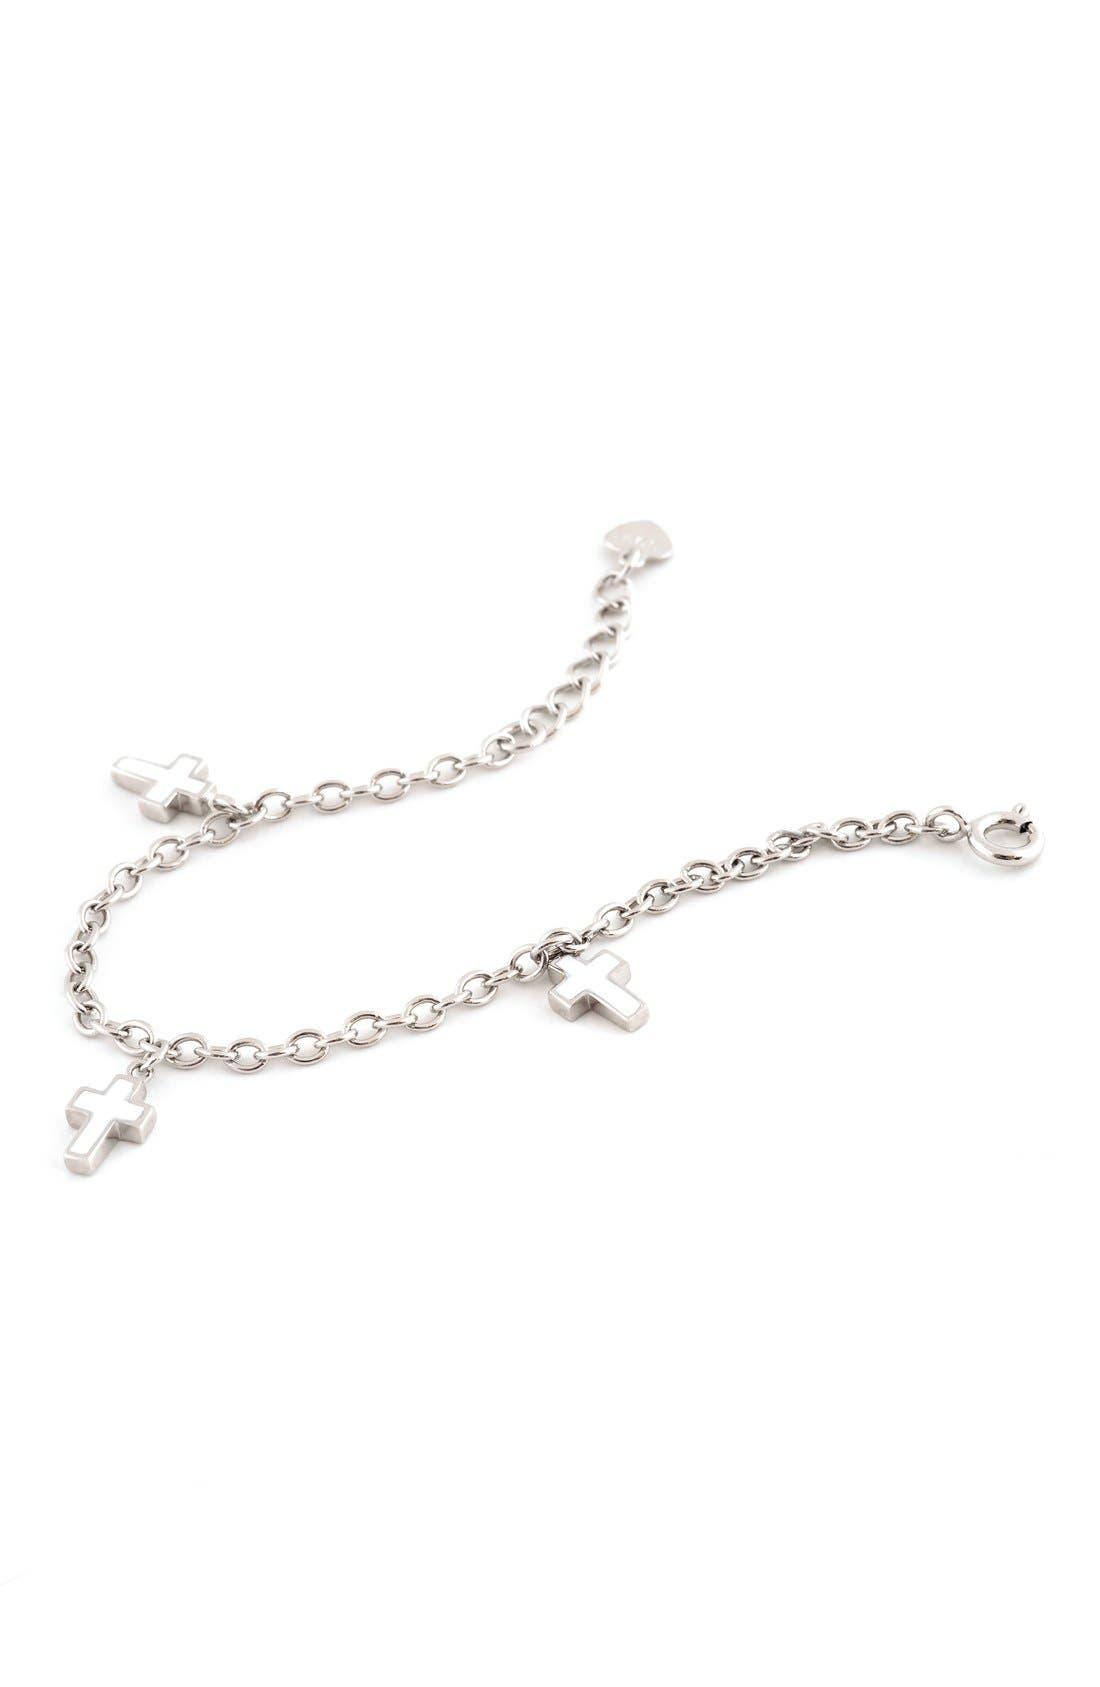 Main Image - Speidel Enameled Cross Sterling Silver Charm Bracelet (Girls)